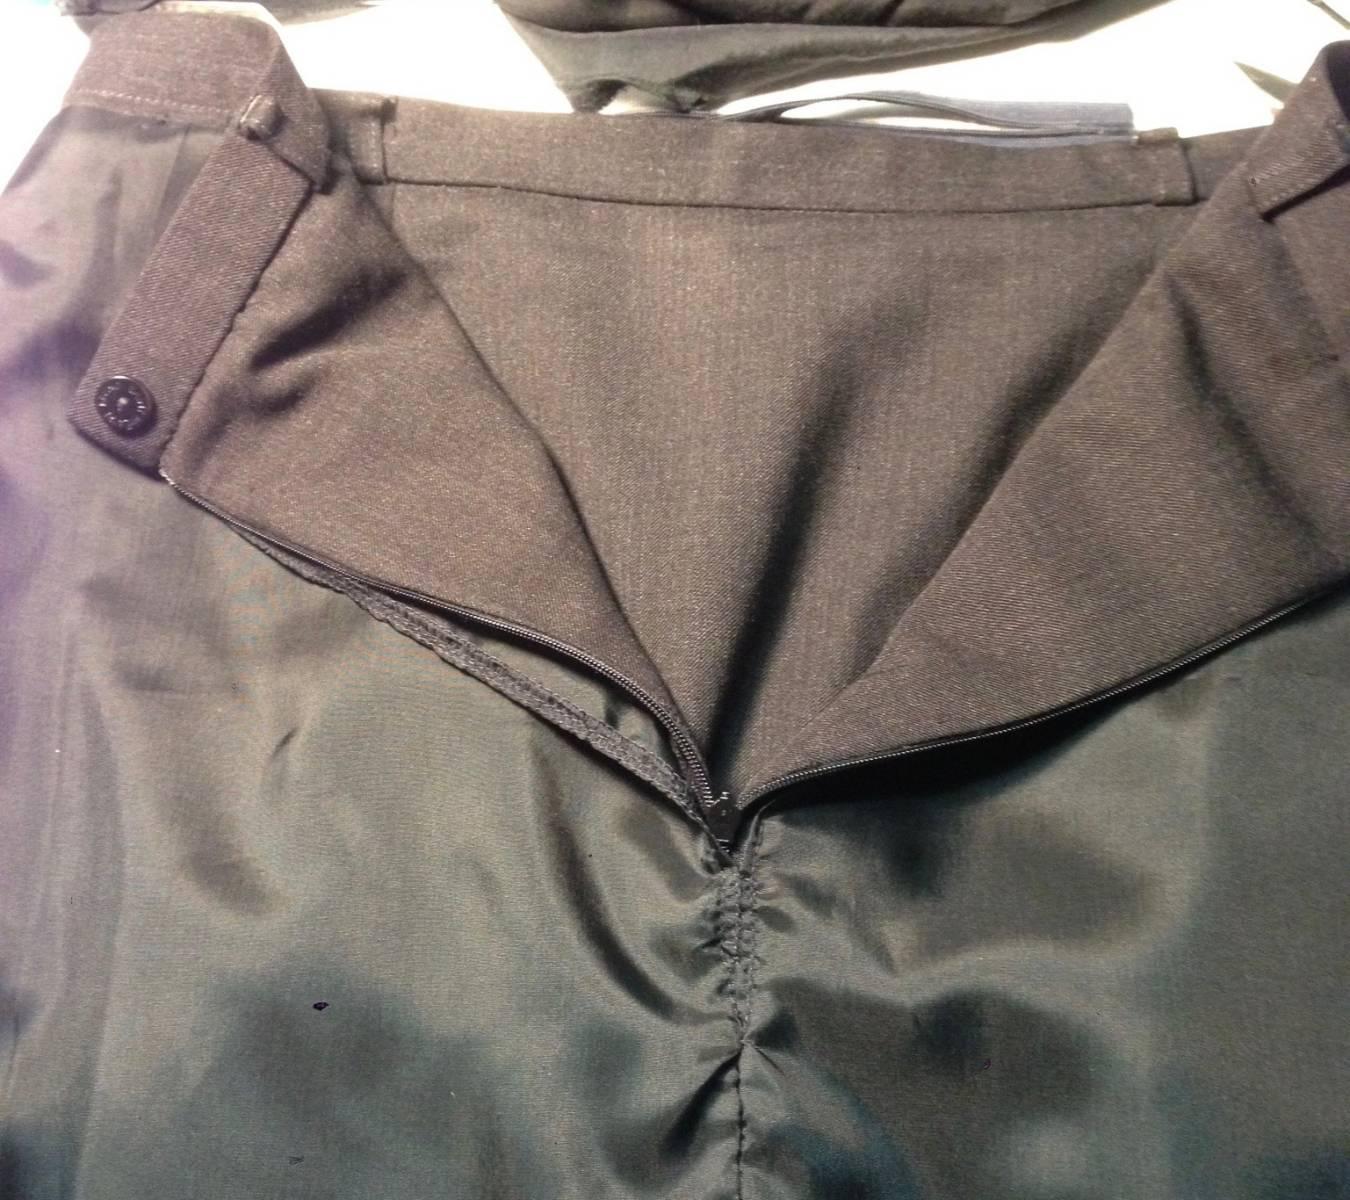 Remplacement de fermeture éclaire invisible sur jupe avec changement de doublure